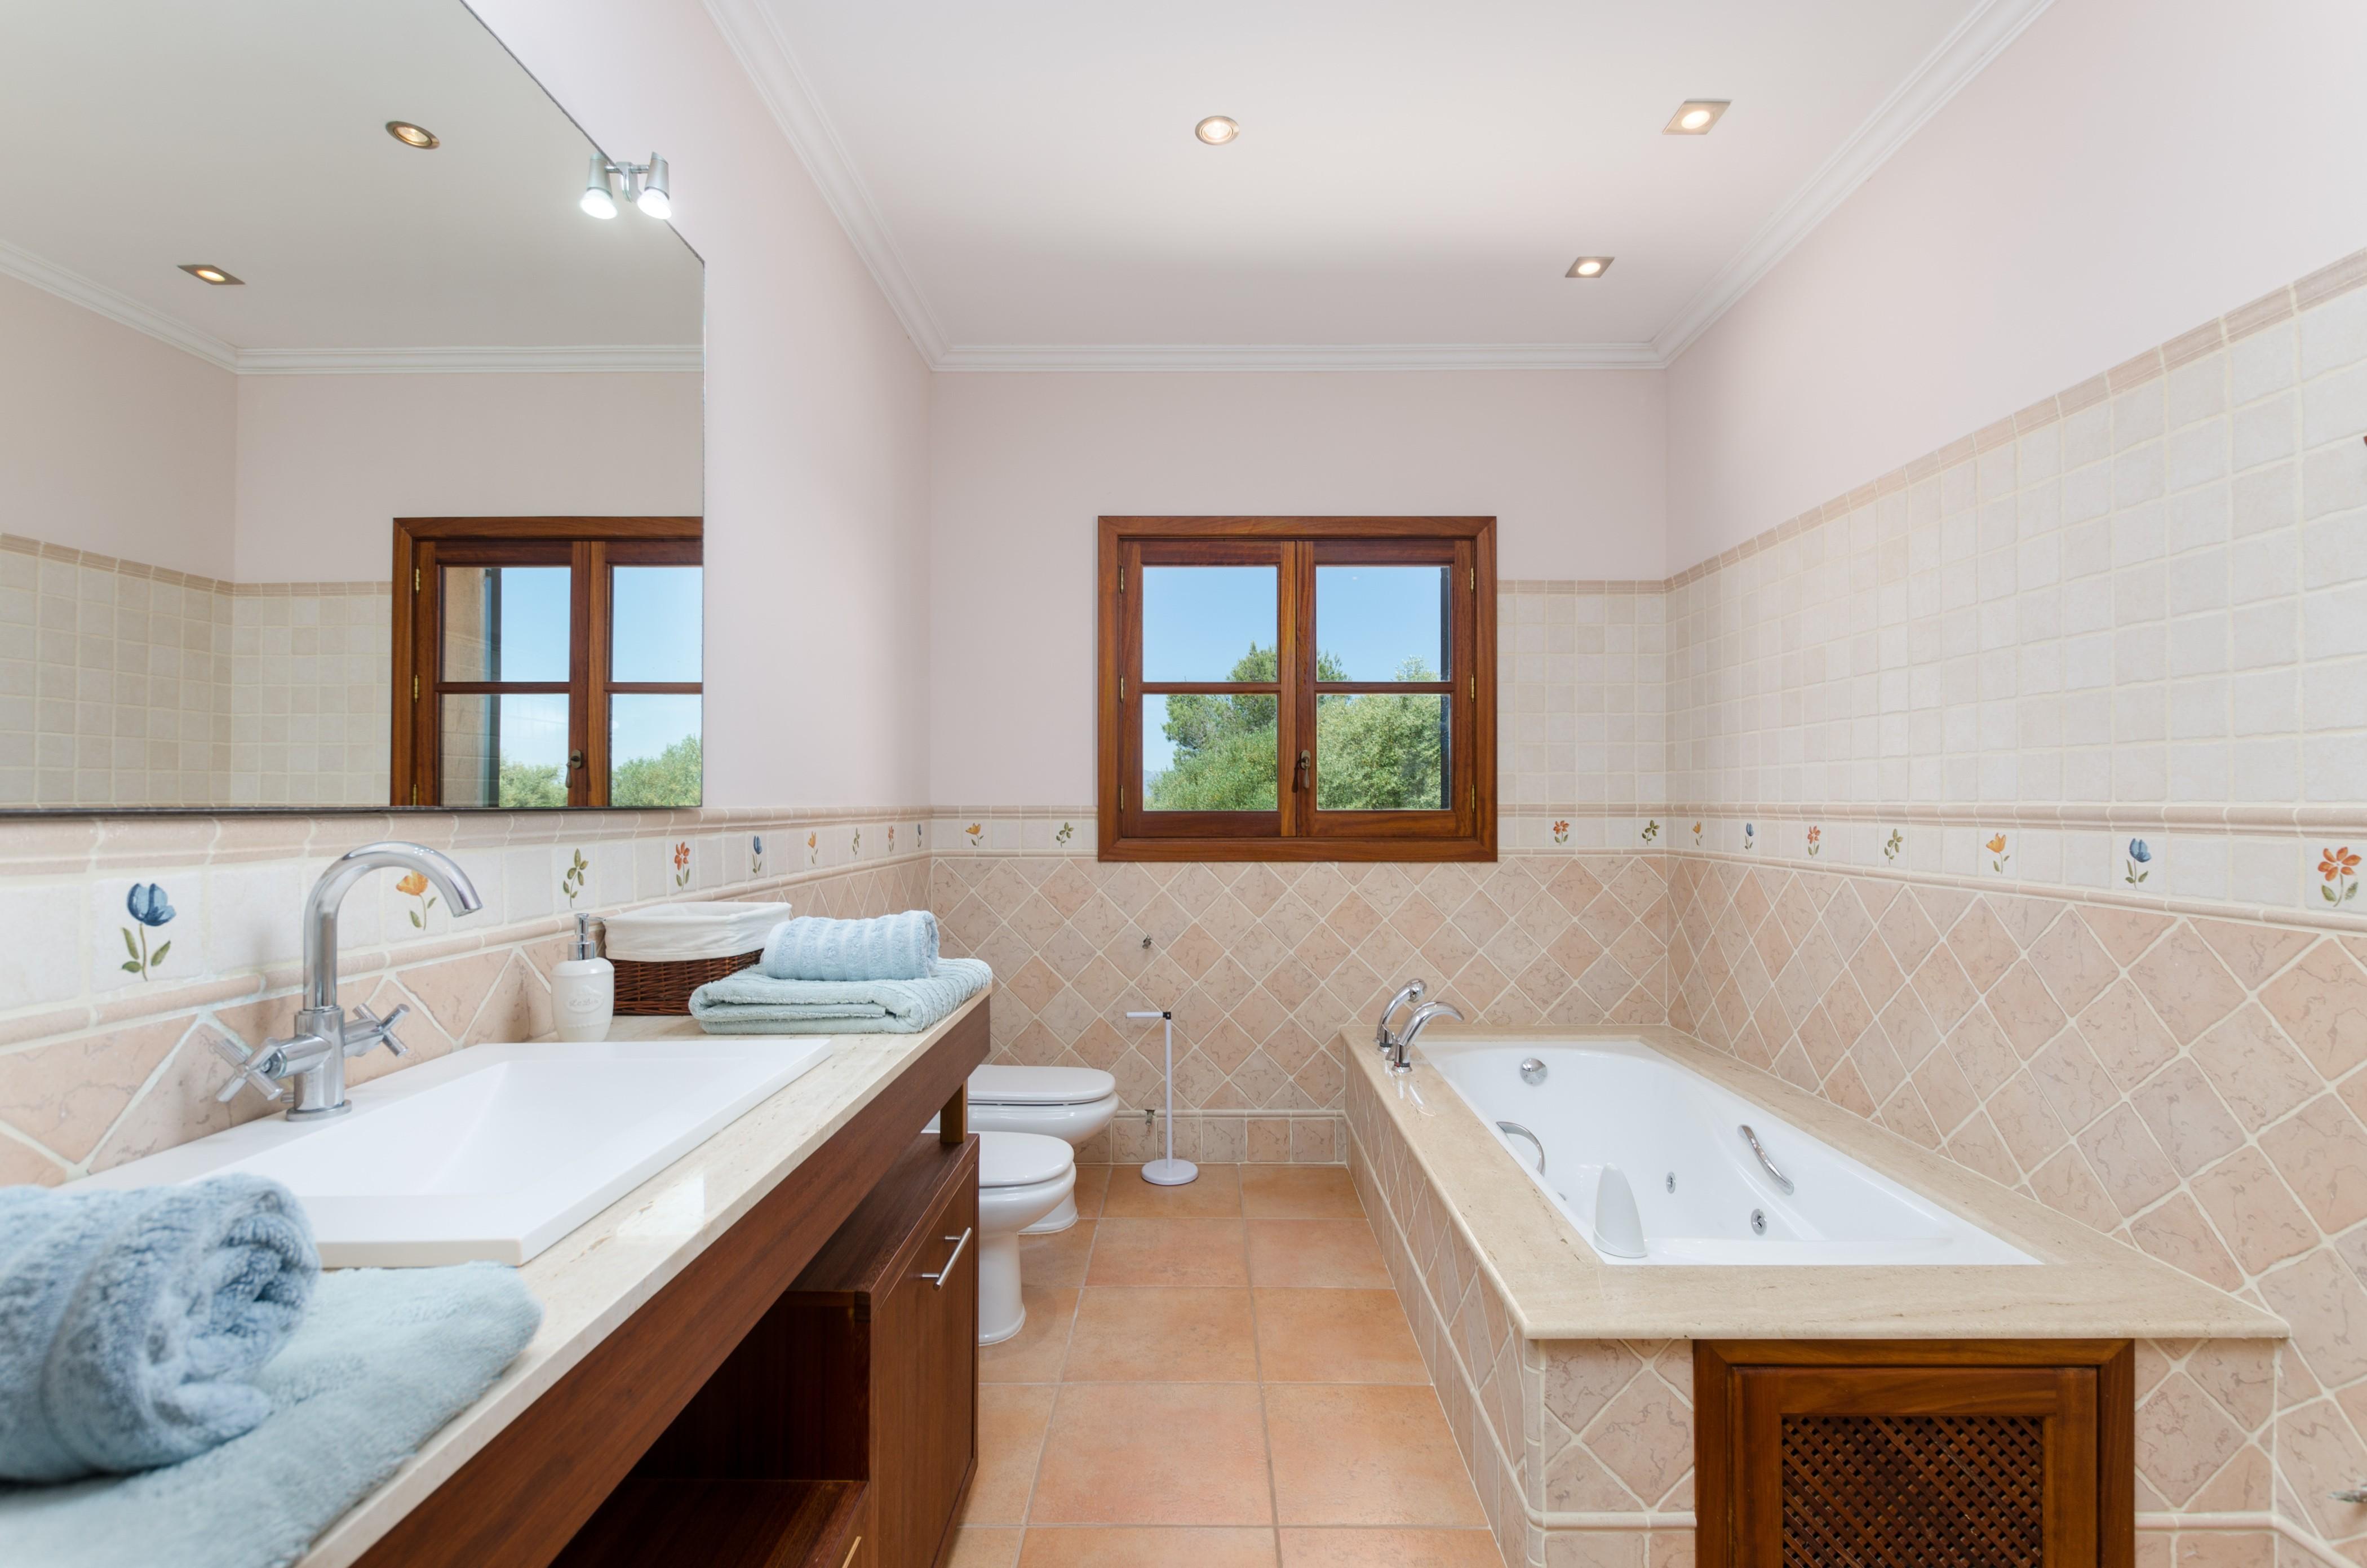 Maison de vacances ES VEDAT (2632993), Lloret de Vistalegre, Majorque, Iles Baléares, Espagne, image 33